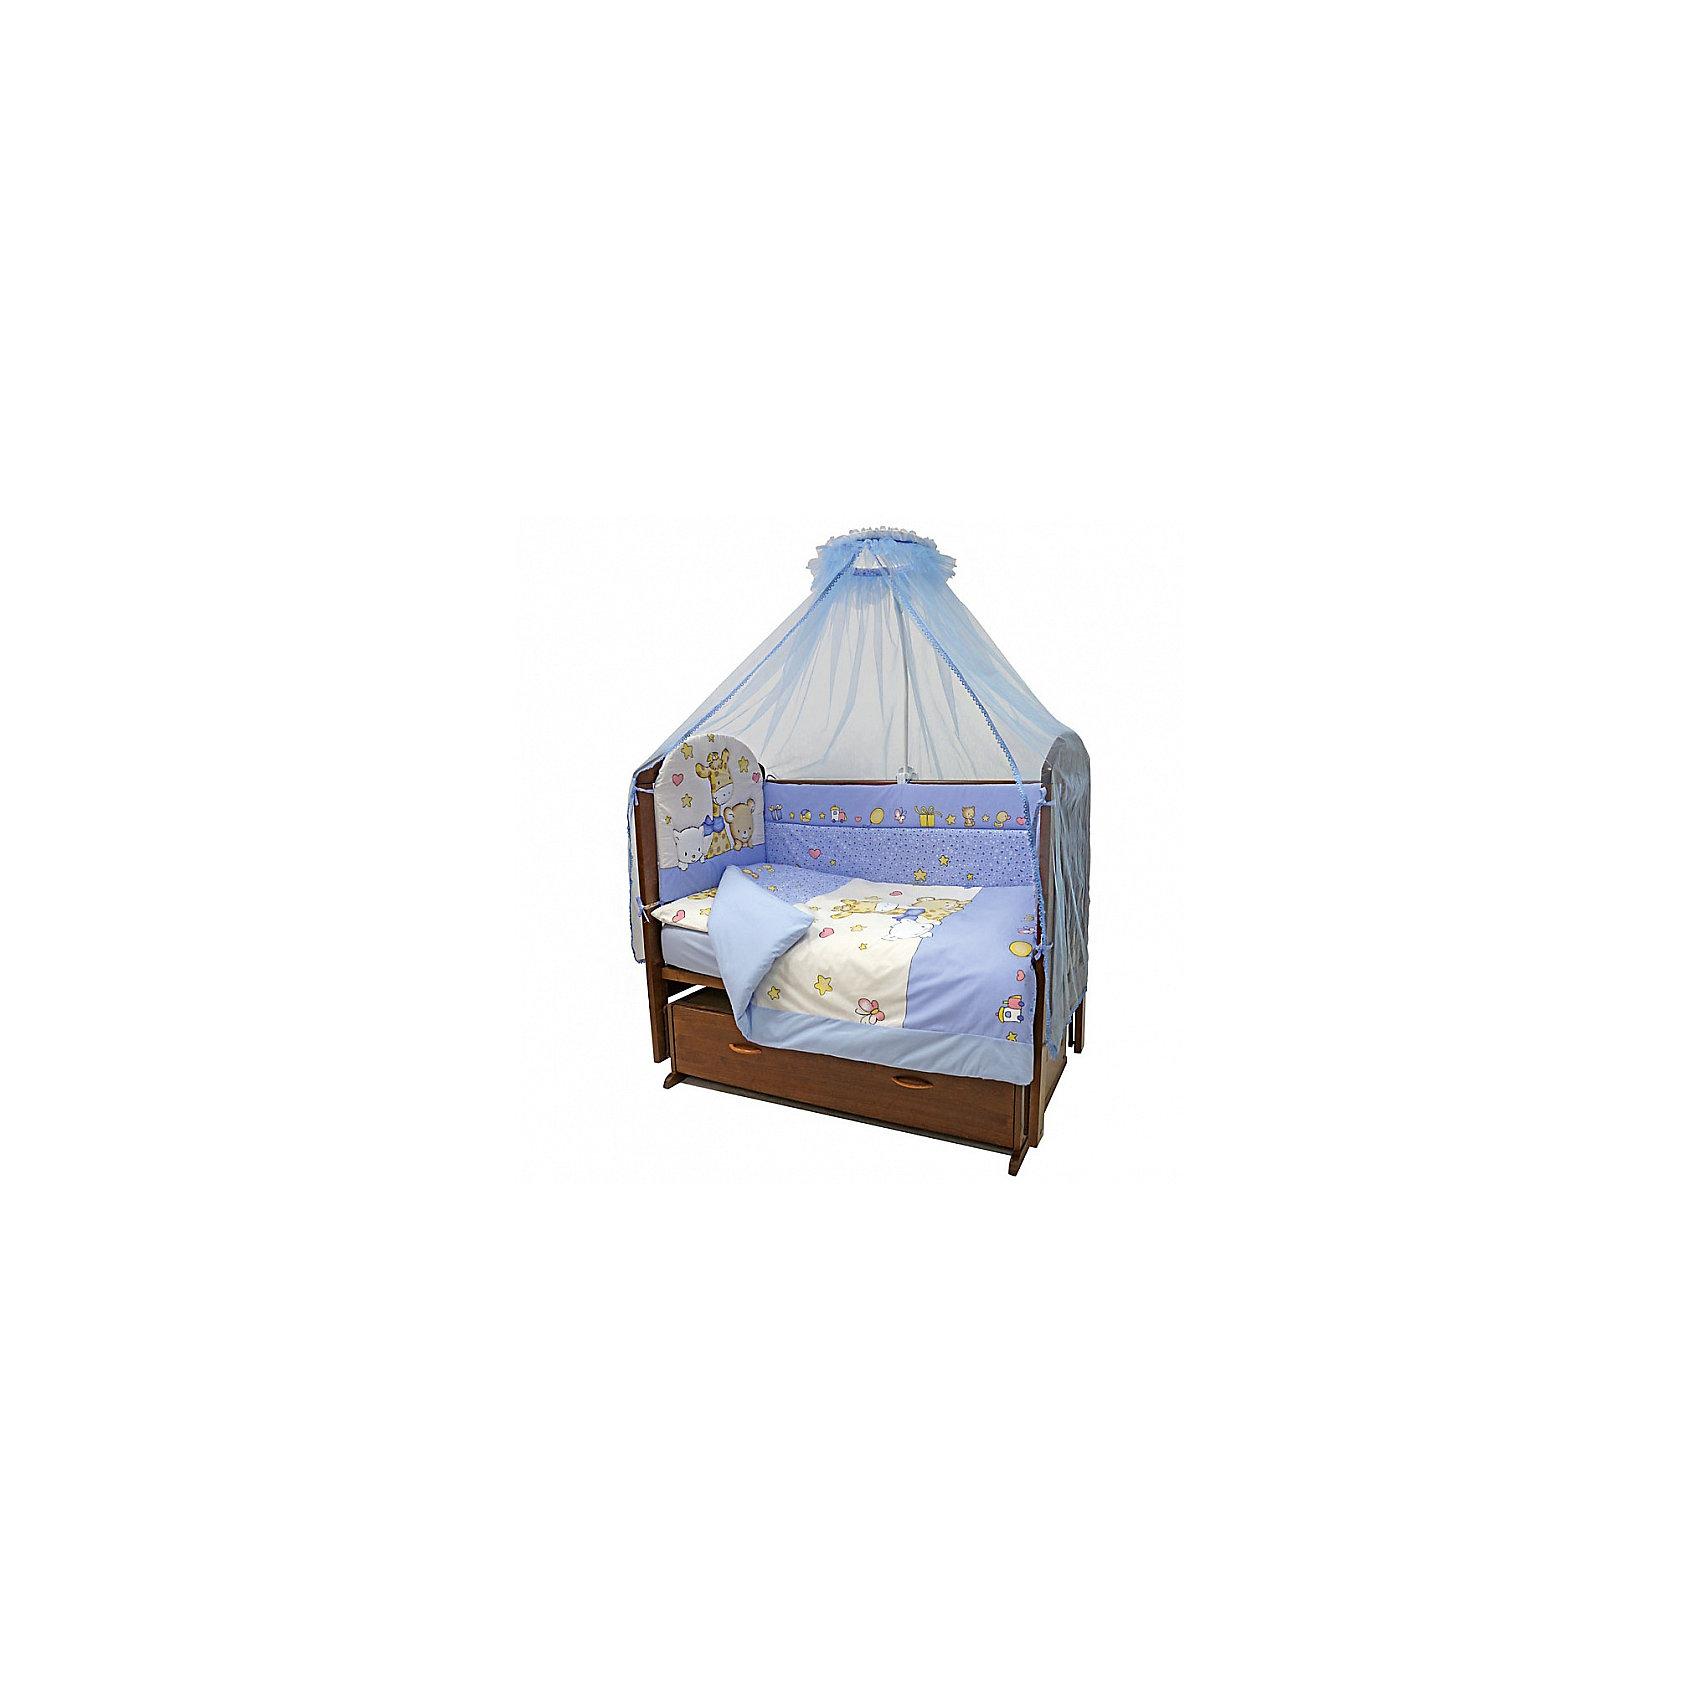 Постельное белье Детский Мир, 3 пр., голубойЭтот чудесный комплект в кроватку обеспечит комфорт и уют малышу. Простыня удобного размера  хорошо заправляется, подходит для стандартных матрасов. Милая расцветка прекрасно впишется в интерьер детской комнаты. Комплект изготовлен из натурального хлопка, приятного к телу, хорошо пропускает воздух, не выцветает, не линяет во время стирки.<br><br>Дополнительная информация:<br><br>- Комплектация: наволочка, простыня на резинке, пододеяльник.<br>- Материал: 100% хлопок.<br>- Размер: наволочка 40х60 см, пододеяльник 147х112 см., простыня 120х60 см.<br>- Цвет: голубой. <br>- Декоративные элементы: принт.<br><br>Постельное белье Детский Мир, 3 пр., голубое, можно купить в нашем магазине.<br><br>Ширина мм: 250<br>Глубина мм: 200<br>Высота мм: 50<br>Вес г: 500<br>Возраст от месяцев: 0<br>Возраст до месяцев: 36<br>Пол: Мужской<br>Возраст: Детский<br>SKU: 4051695